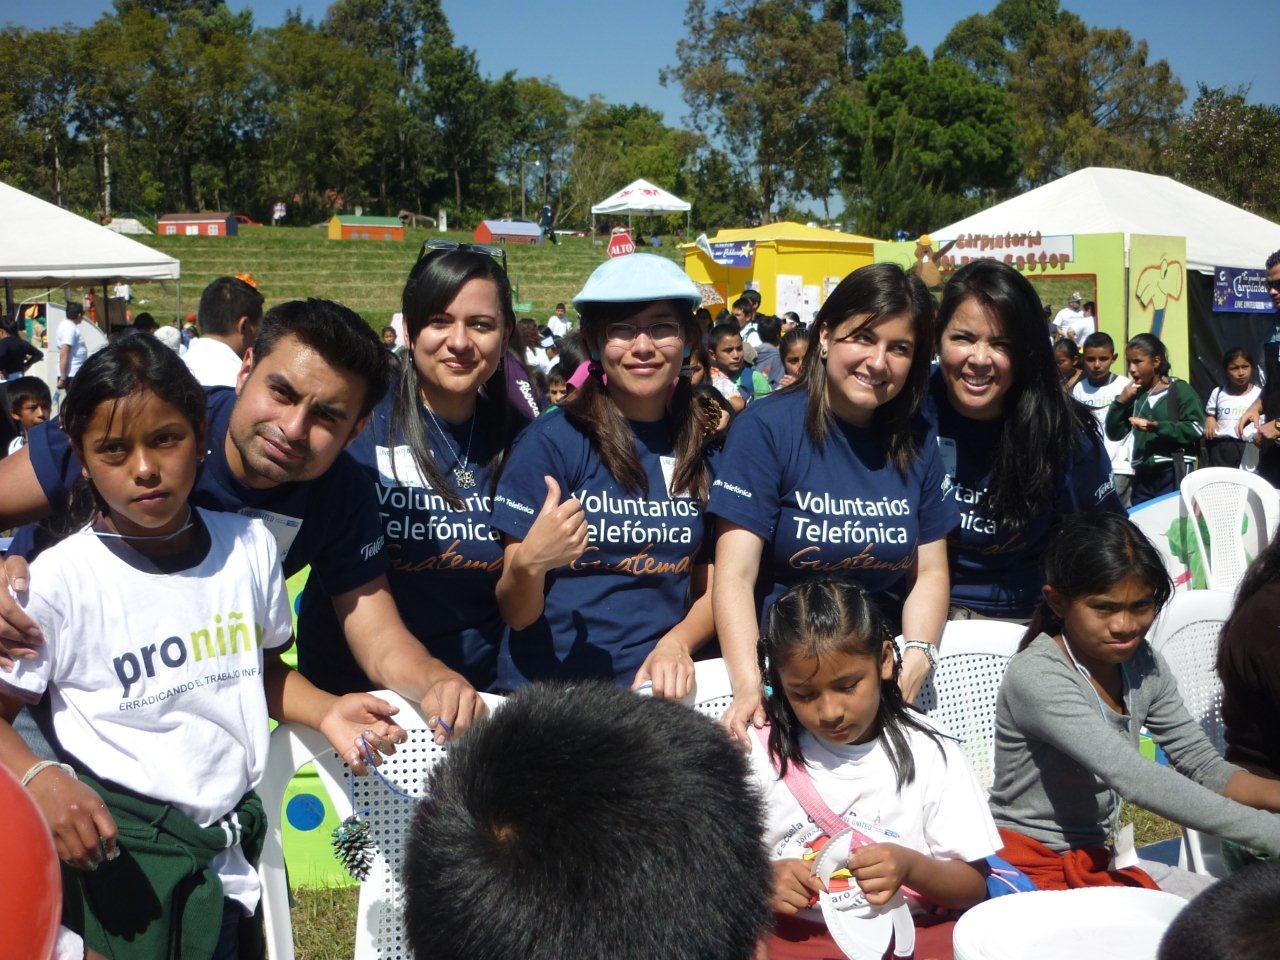 Los Voluntarios y los niños y niñas beneficiarios de Proniño compartieron sonrisas y momentos de alegría.